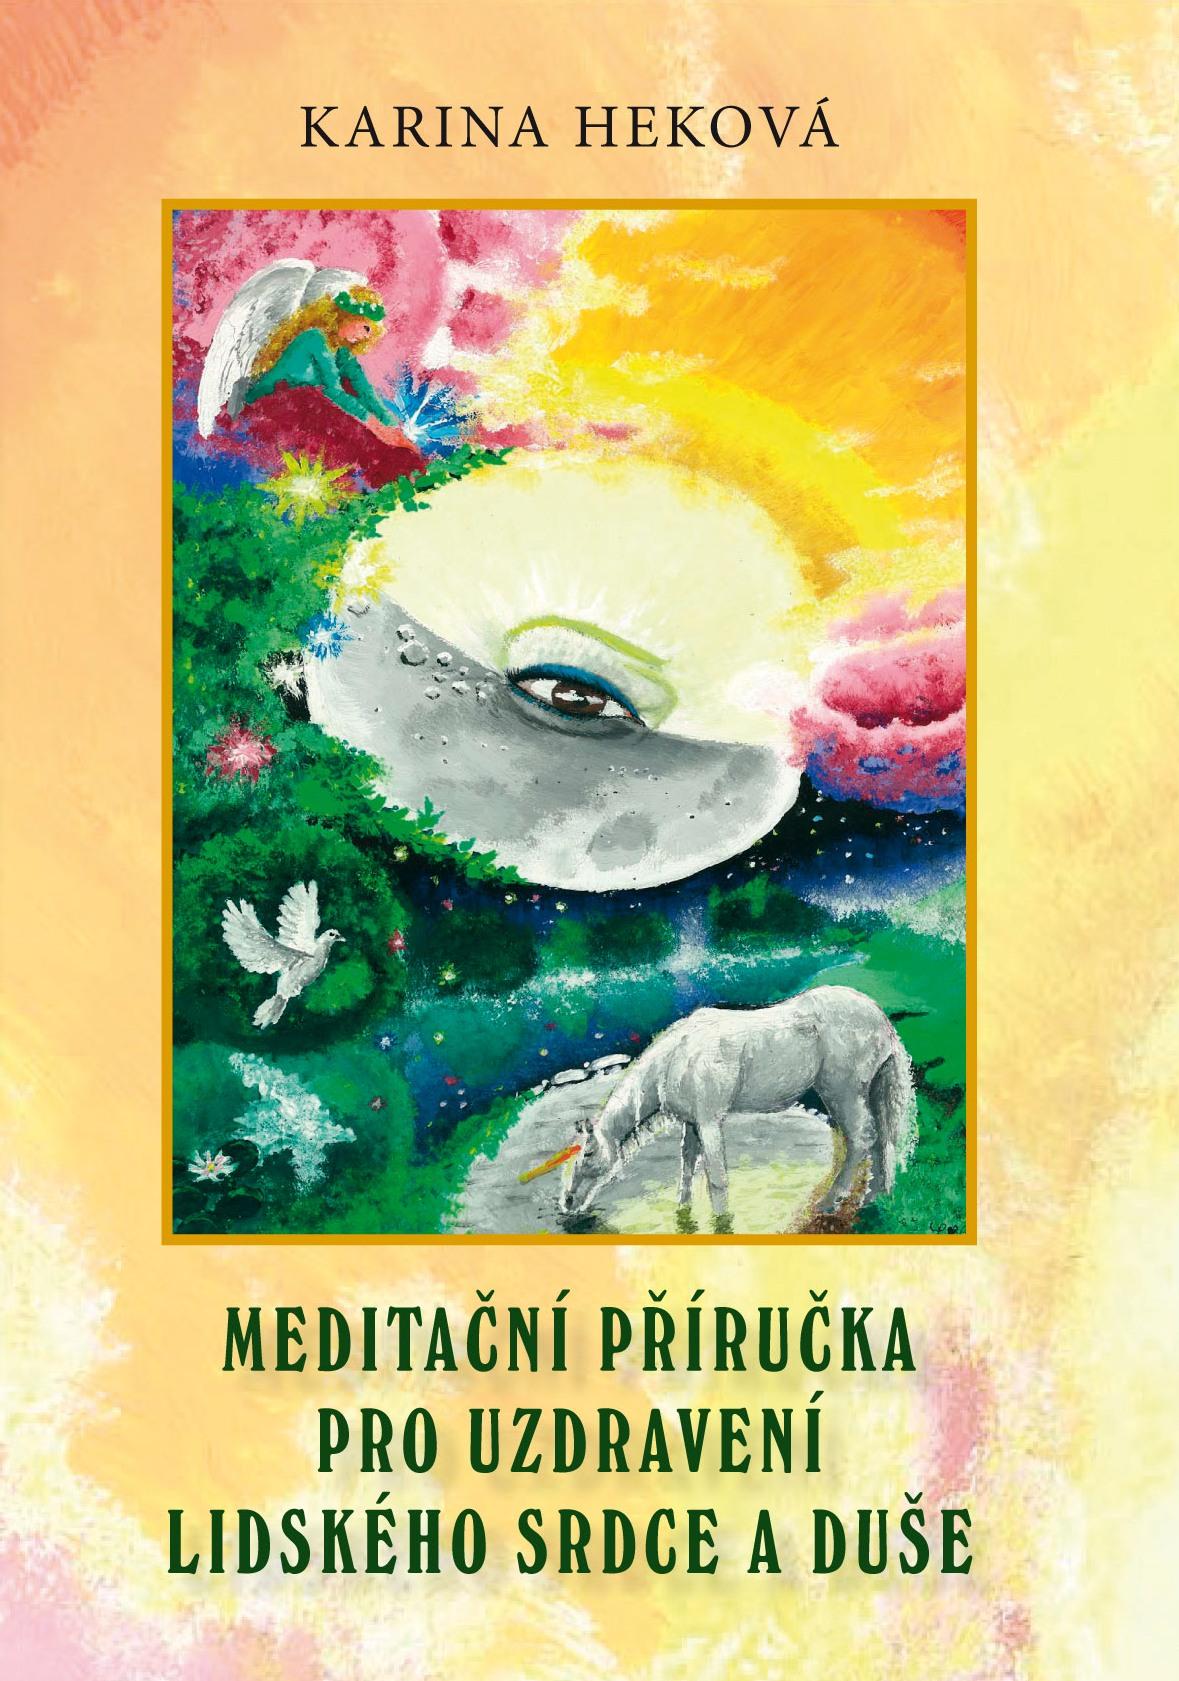 Meditační příručka pro uzdravení lidského srdce a duše